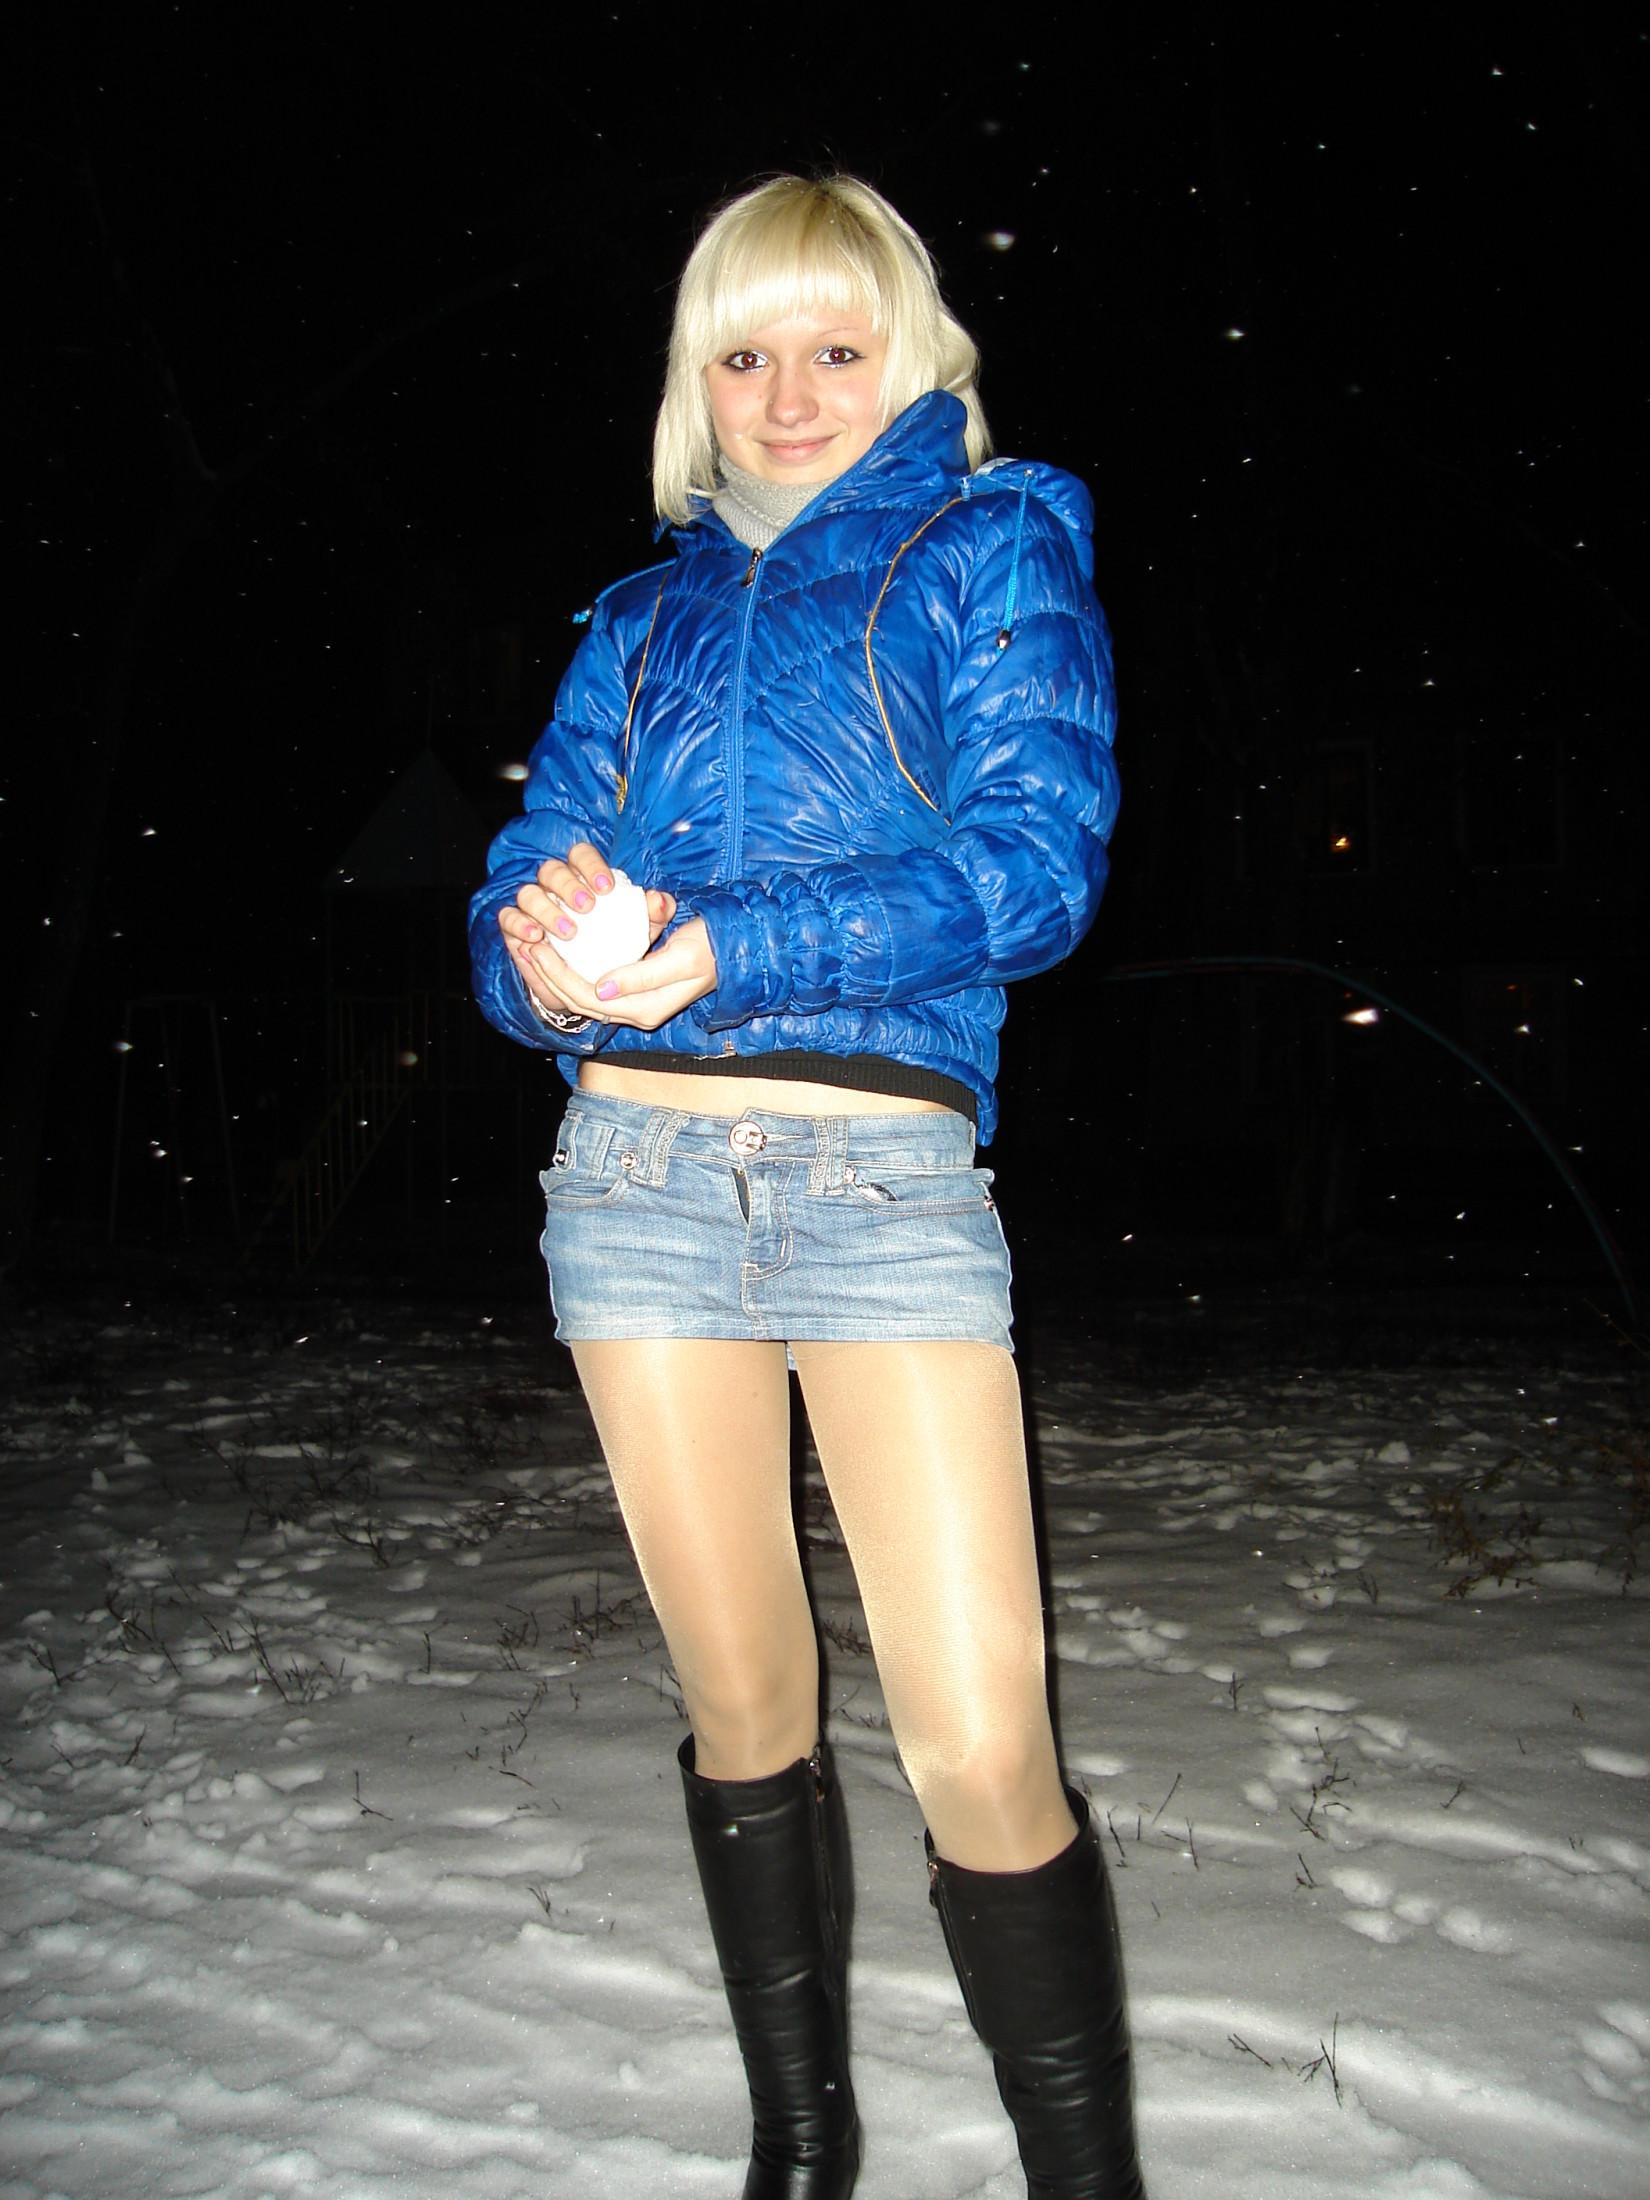 Русское порно с девочками в юбках